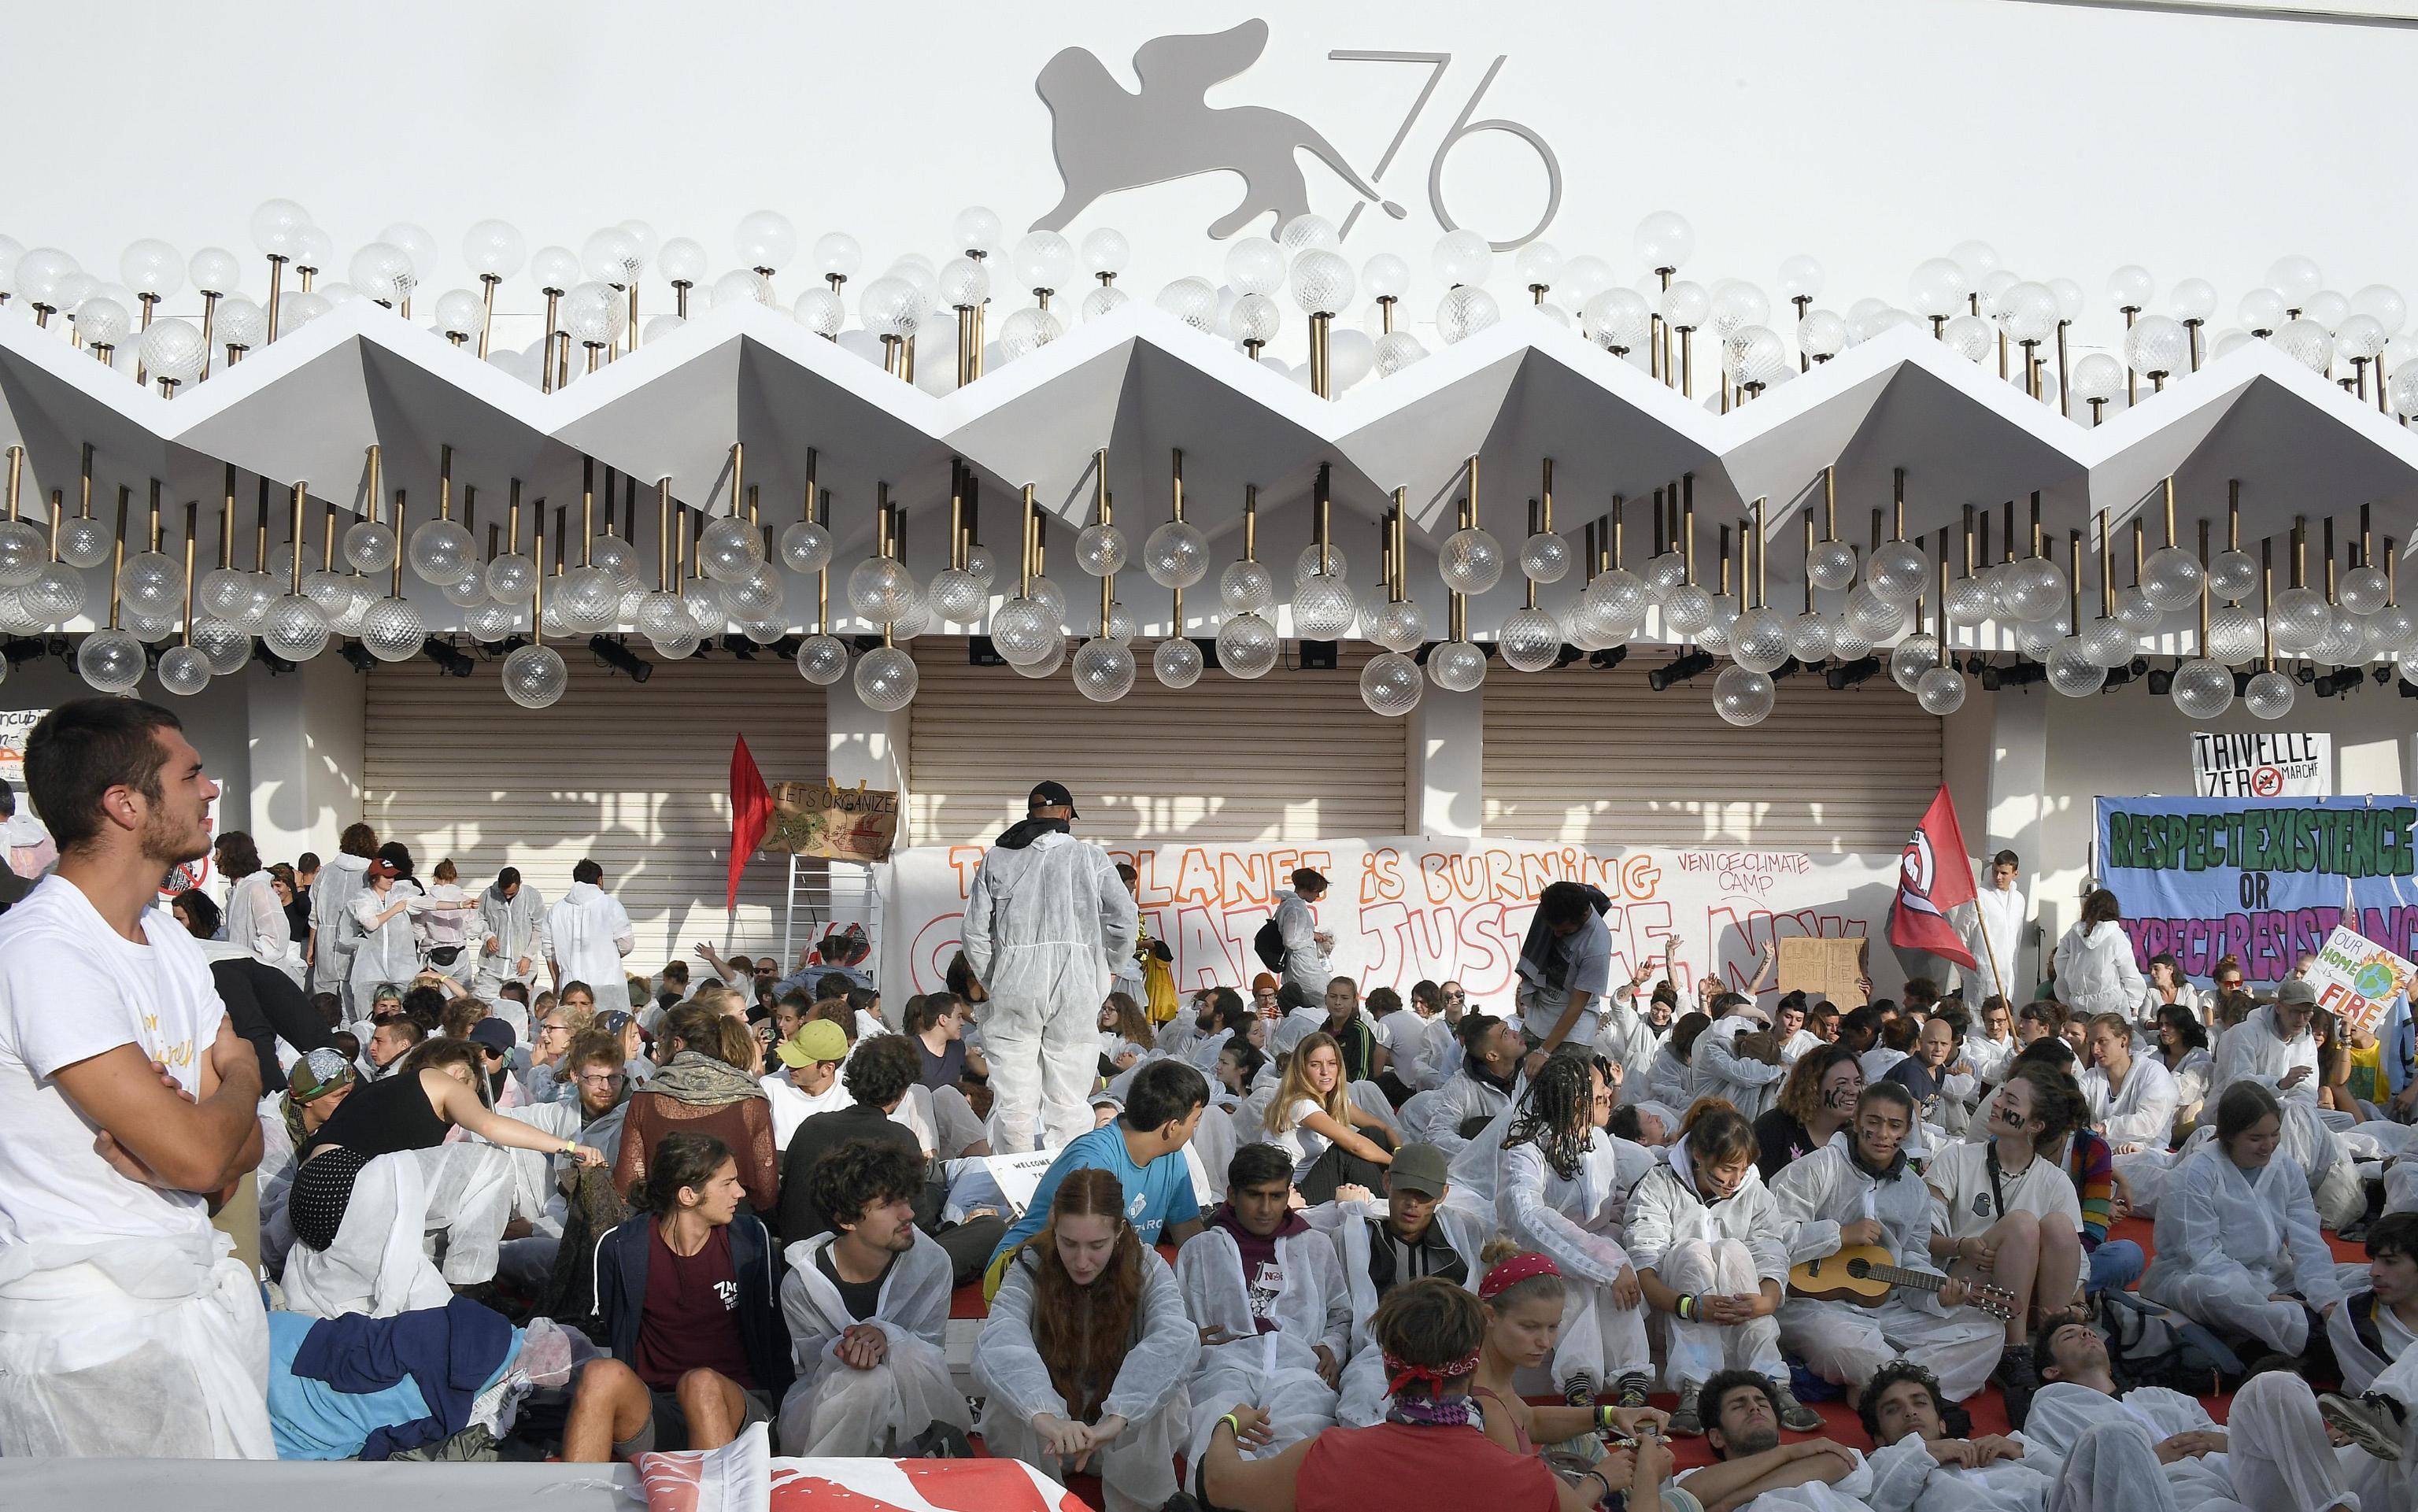 Venezia 76, attivisti del comitato  No grandi navi  occupano il red carpet